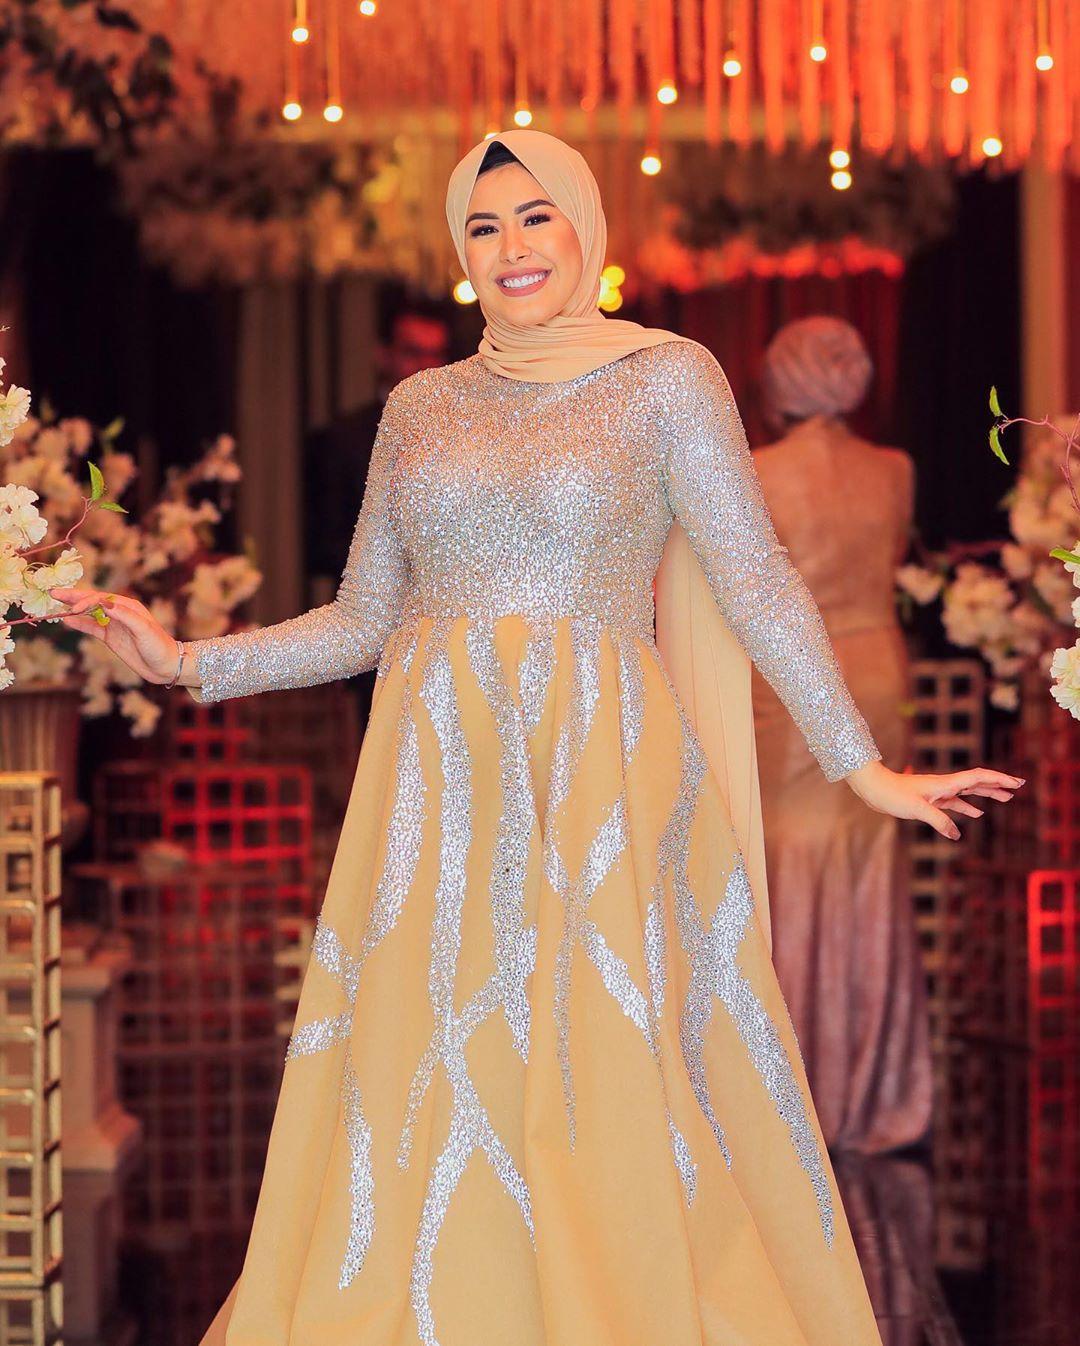 فستان منفوش مطرز للمحجبات